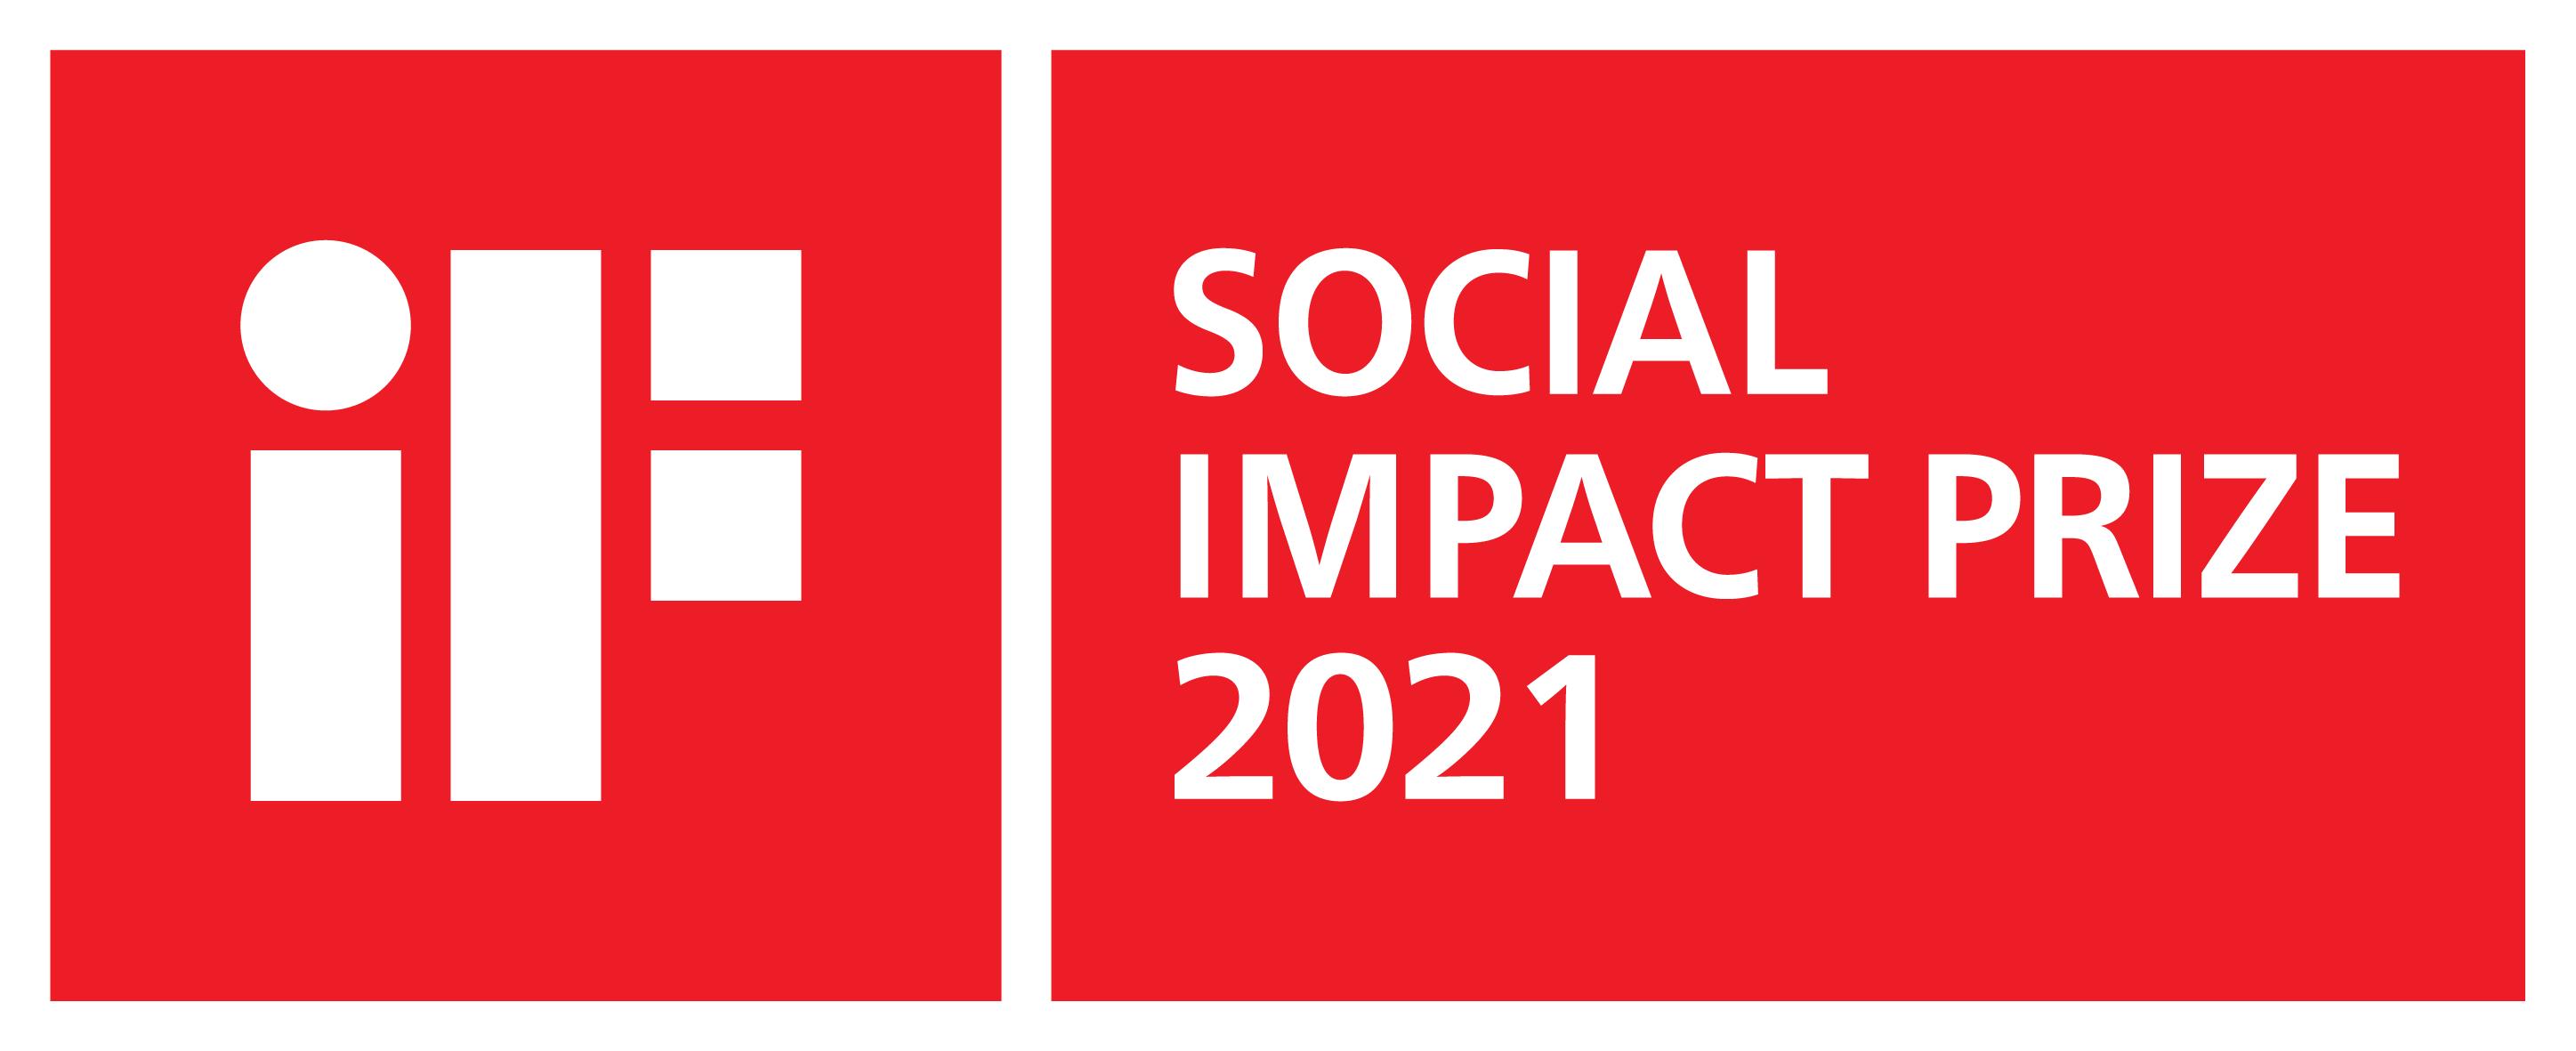 iF SOCIAL IMPACT PRIZE 2021